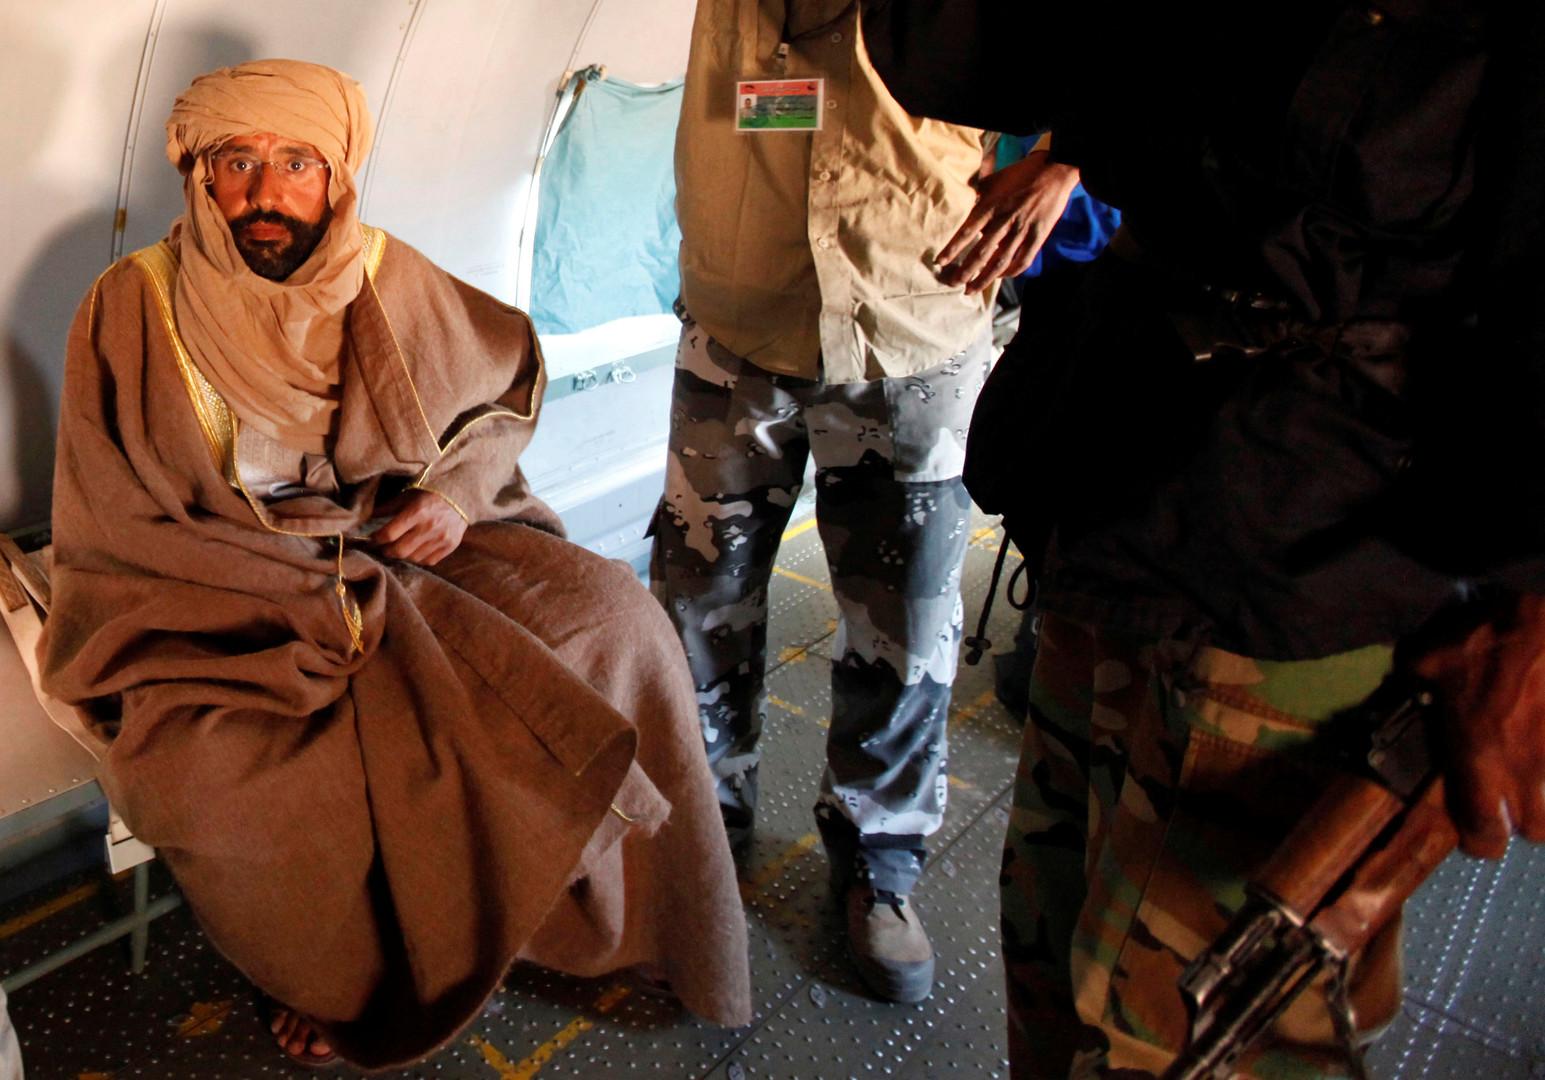 القضاء اللبناني يصدر مذكرة توقيف بحق سيف الإسلام معمر القذافي!